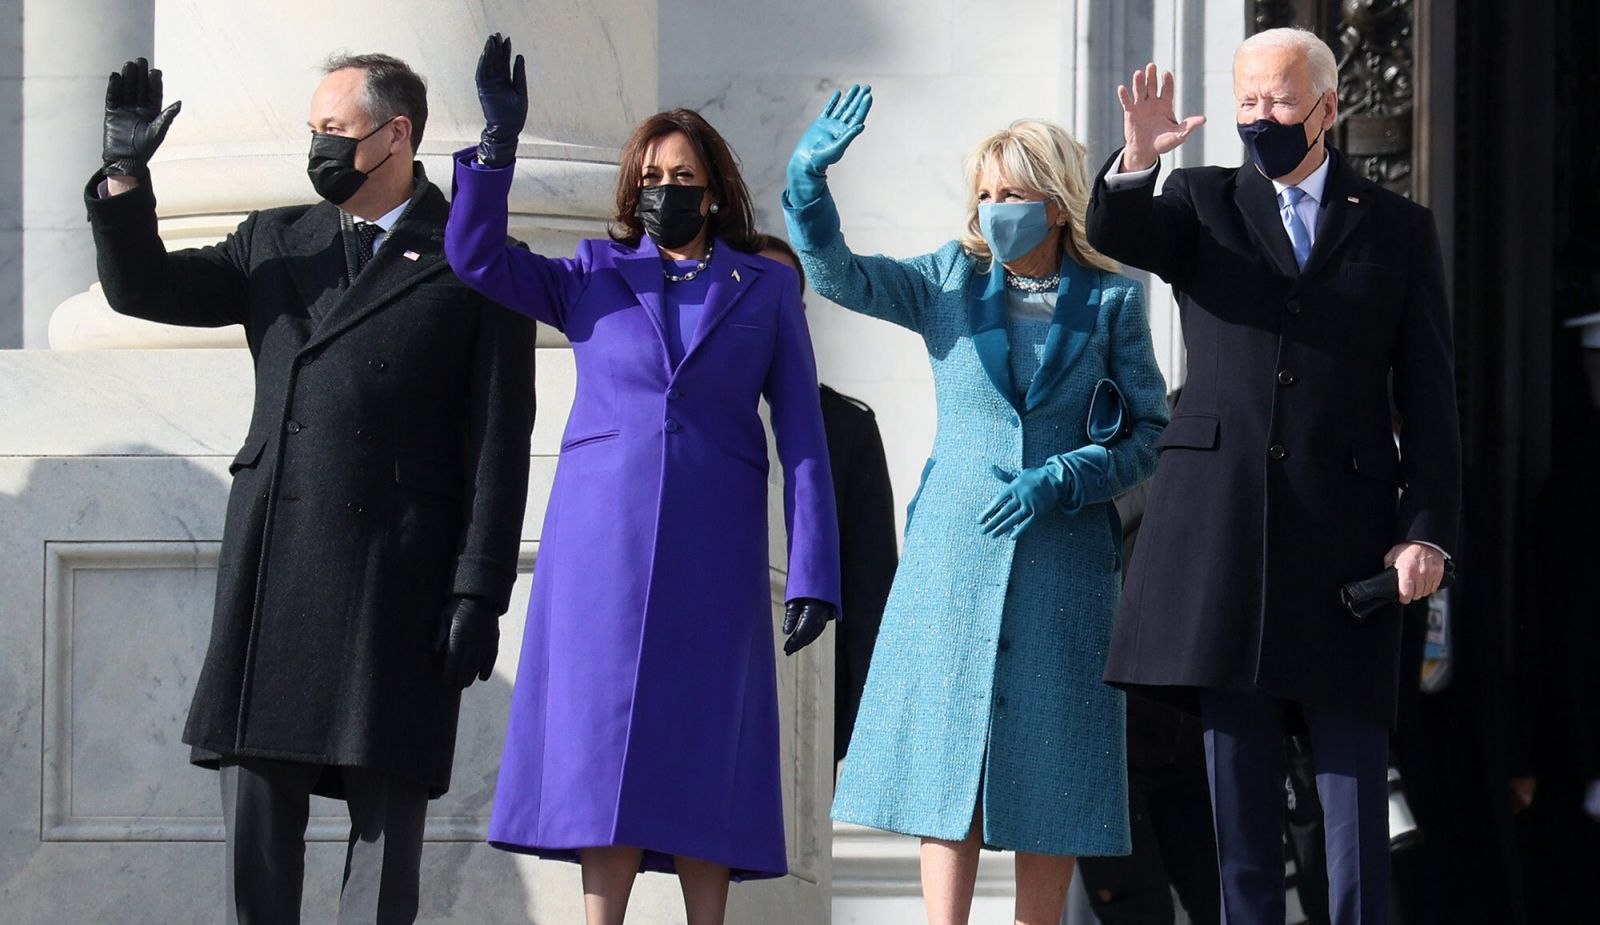 https___cdn.cnn.com_cnnnext_dam_assets_210120094909-01-biden-inauguration-unf